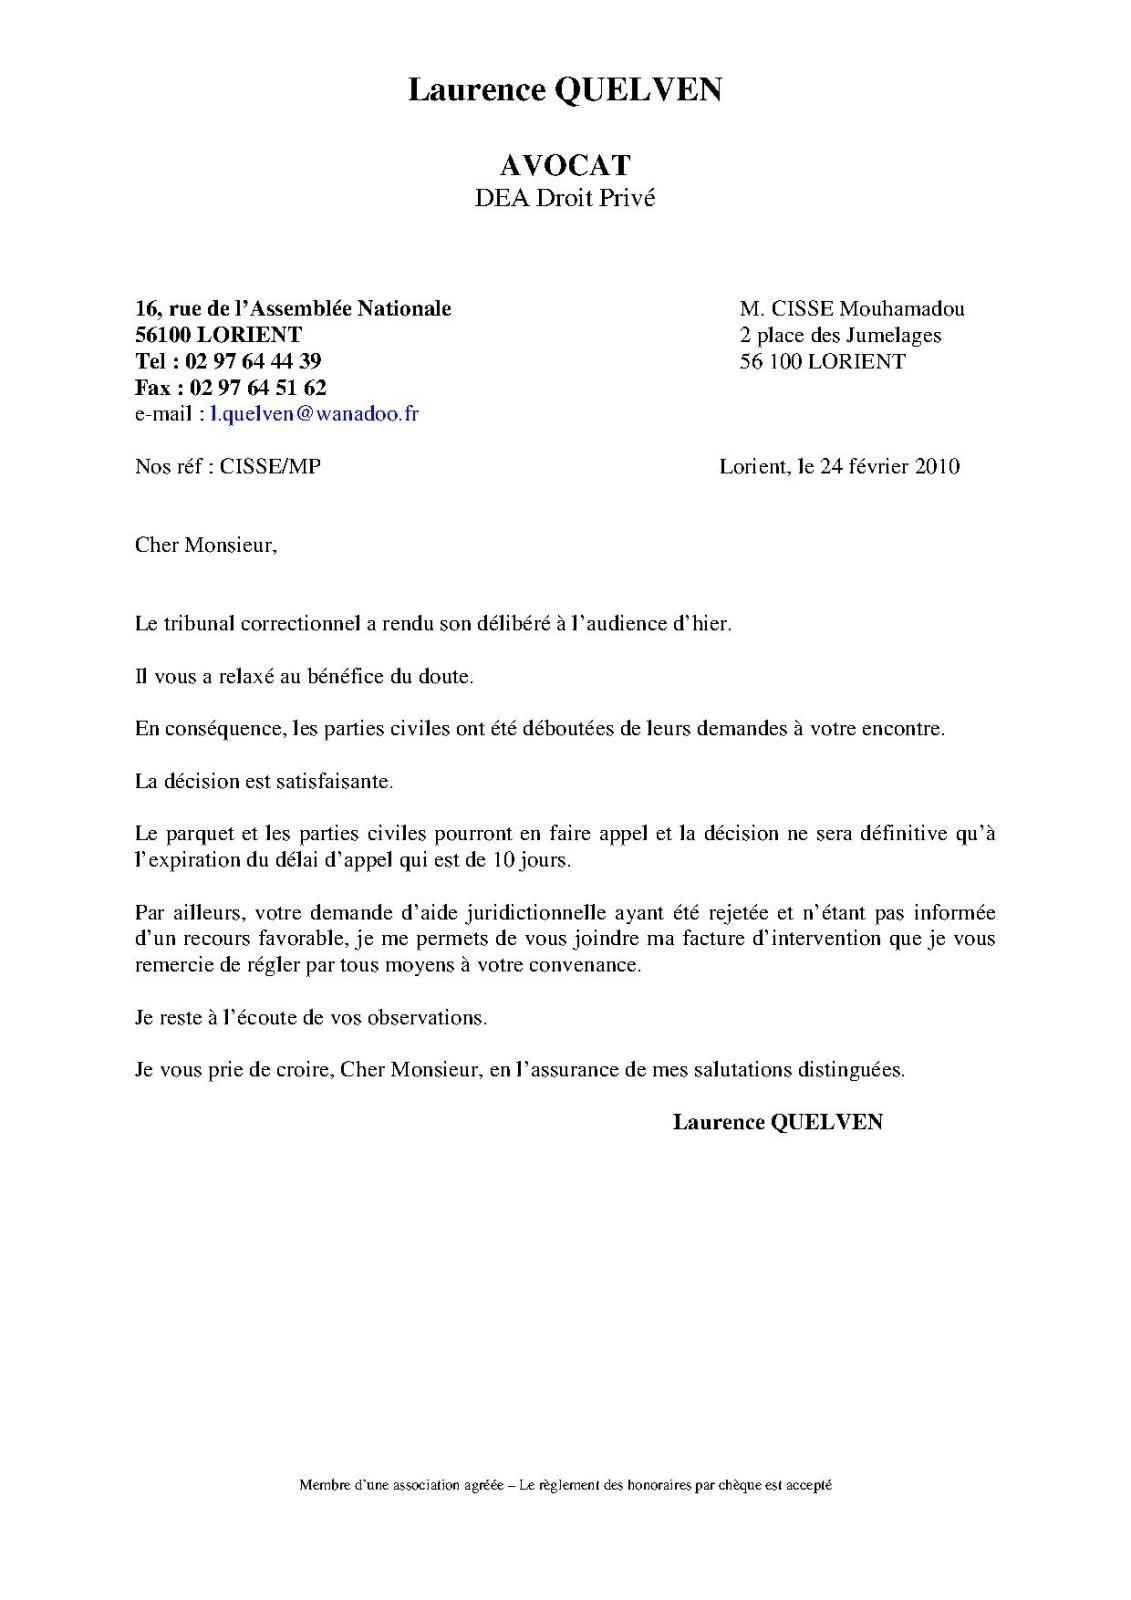 Formules Politesse Avocat Paperblog Lettre De Motivation Modeles De Lettres Lettre A